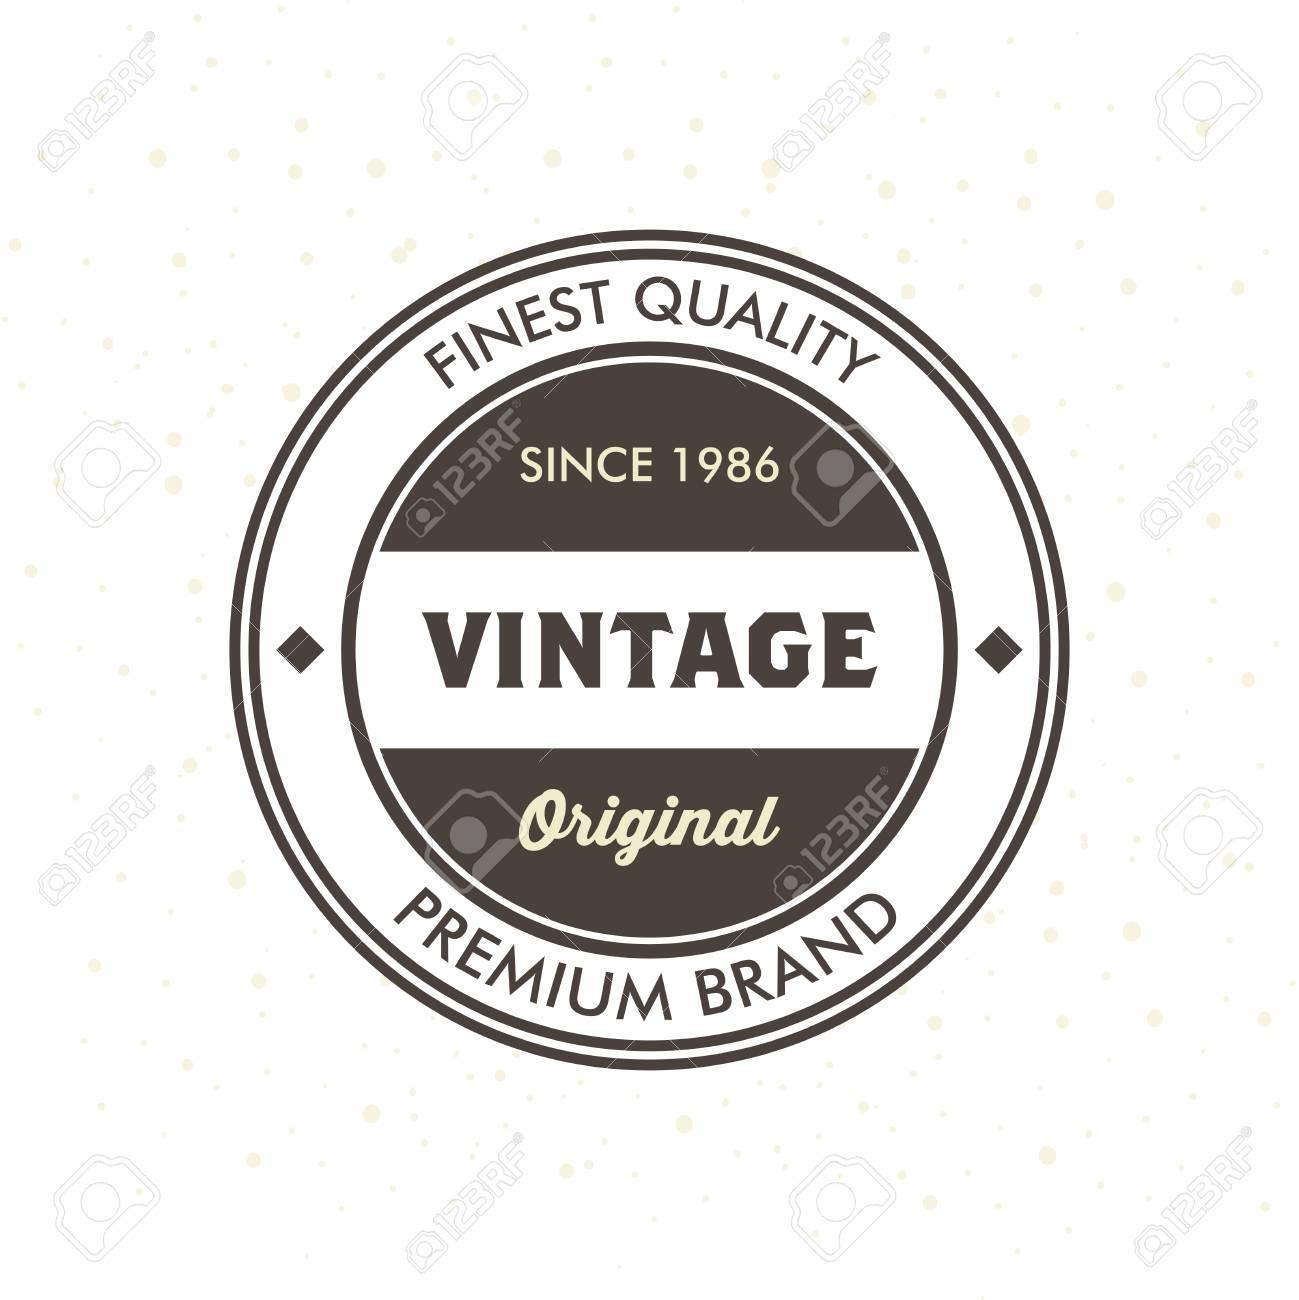 Vintage hipster logo design template vector royalty free cliparts vector vintage hipster logo design template vector maxwellsz